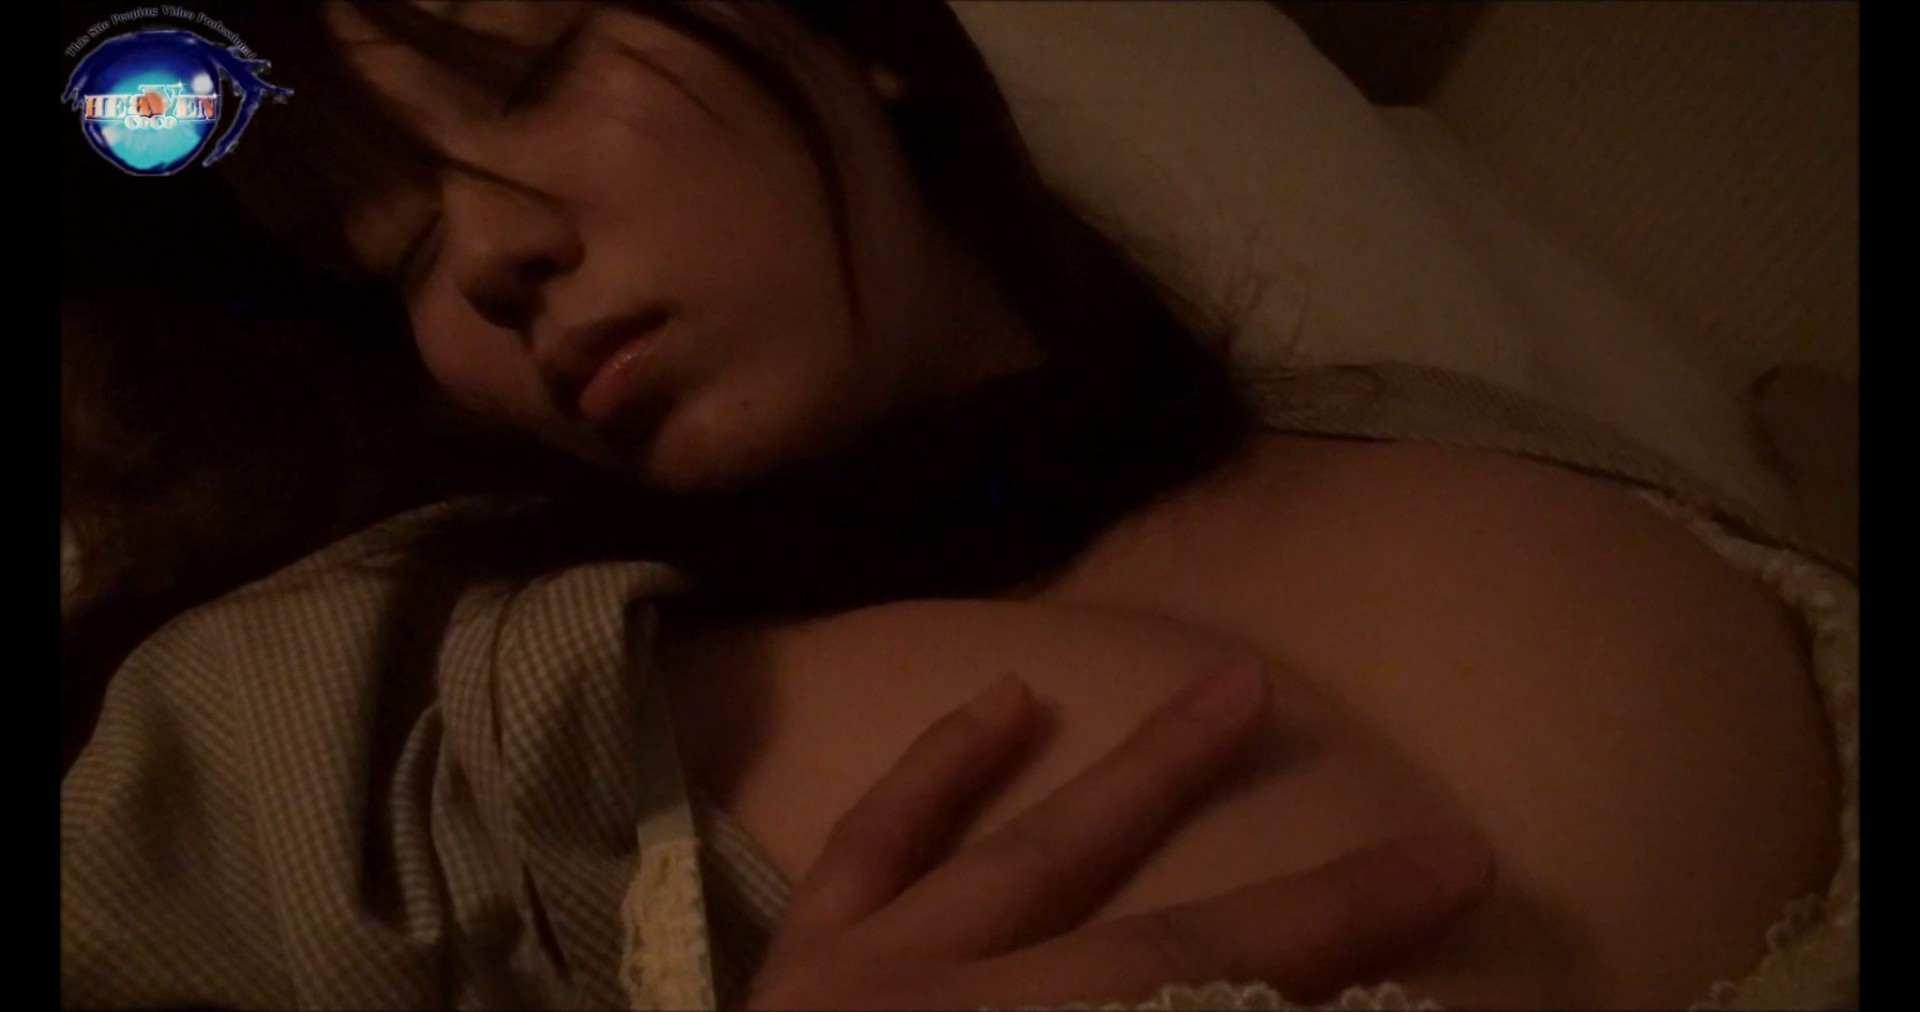 睡魔 シュウライ 第五弐話 前編 下半身 | 巨乳  13pic 4